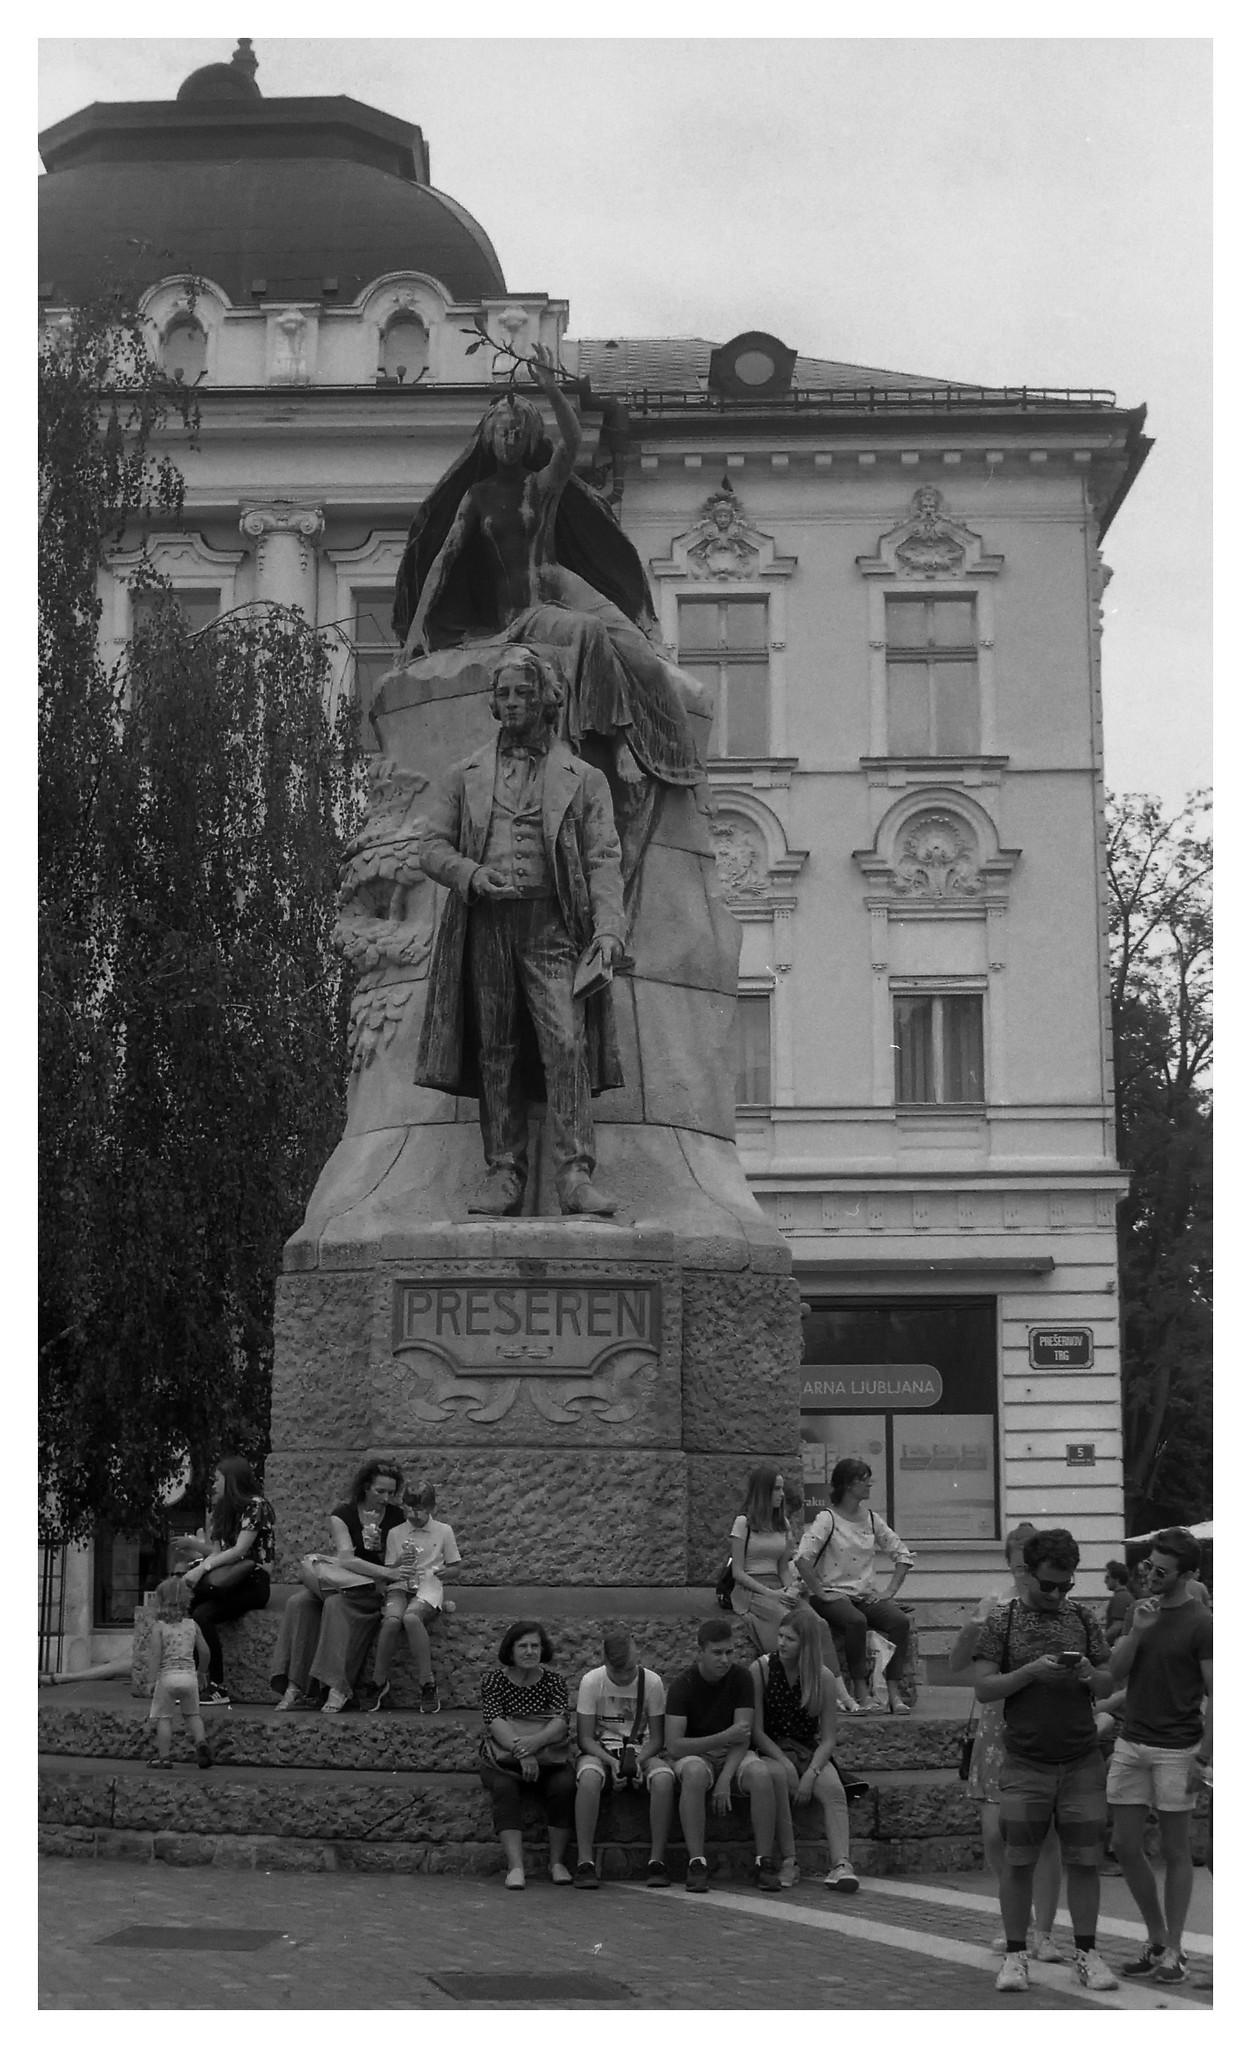 Ljublijana  preseren